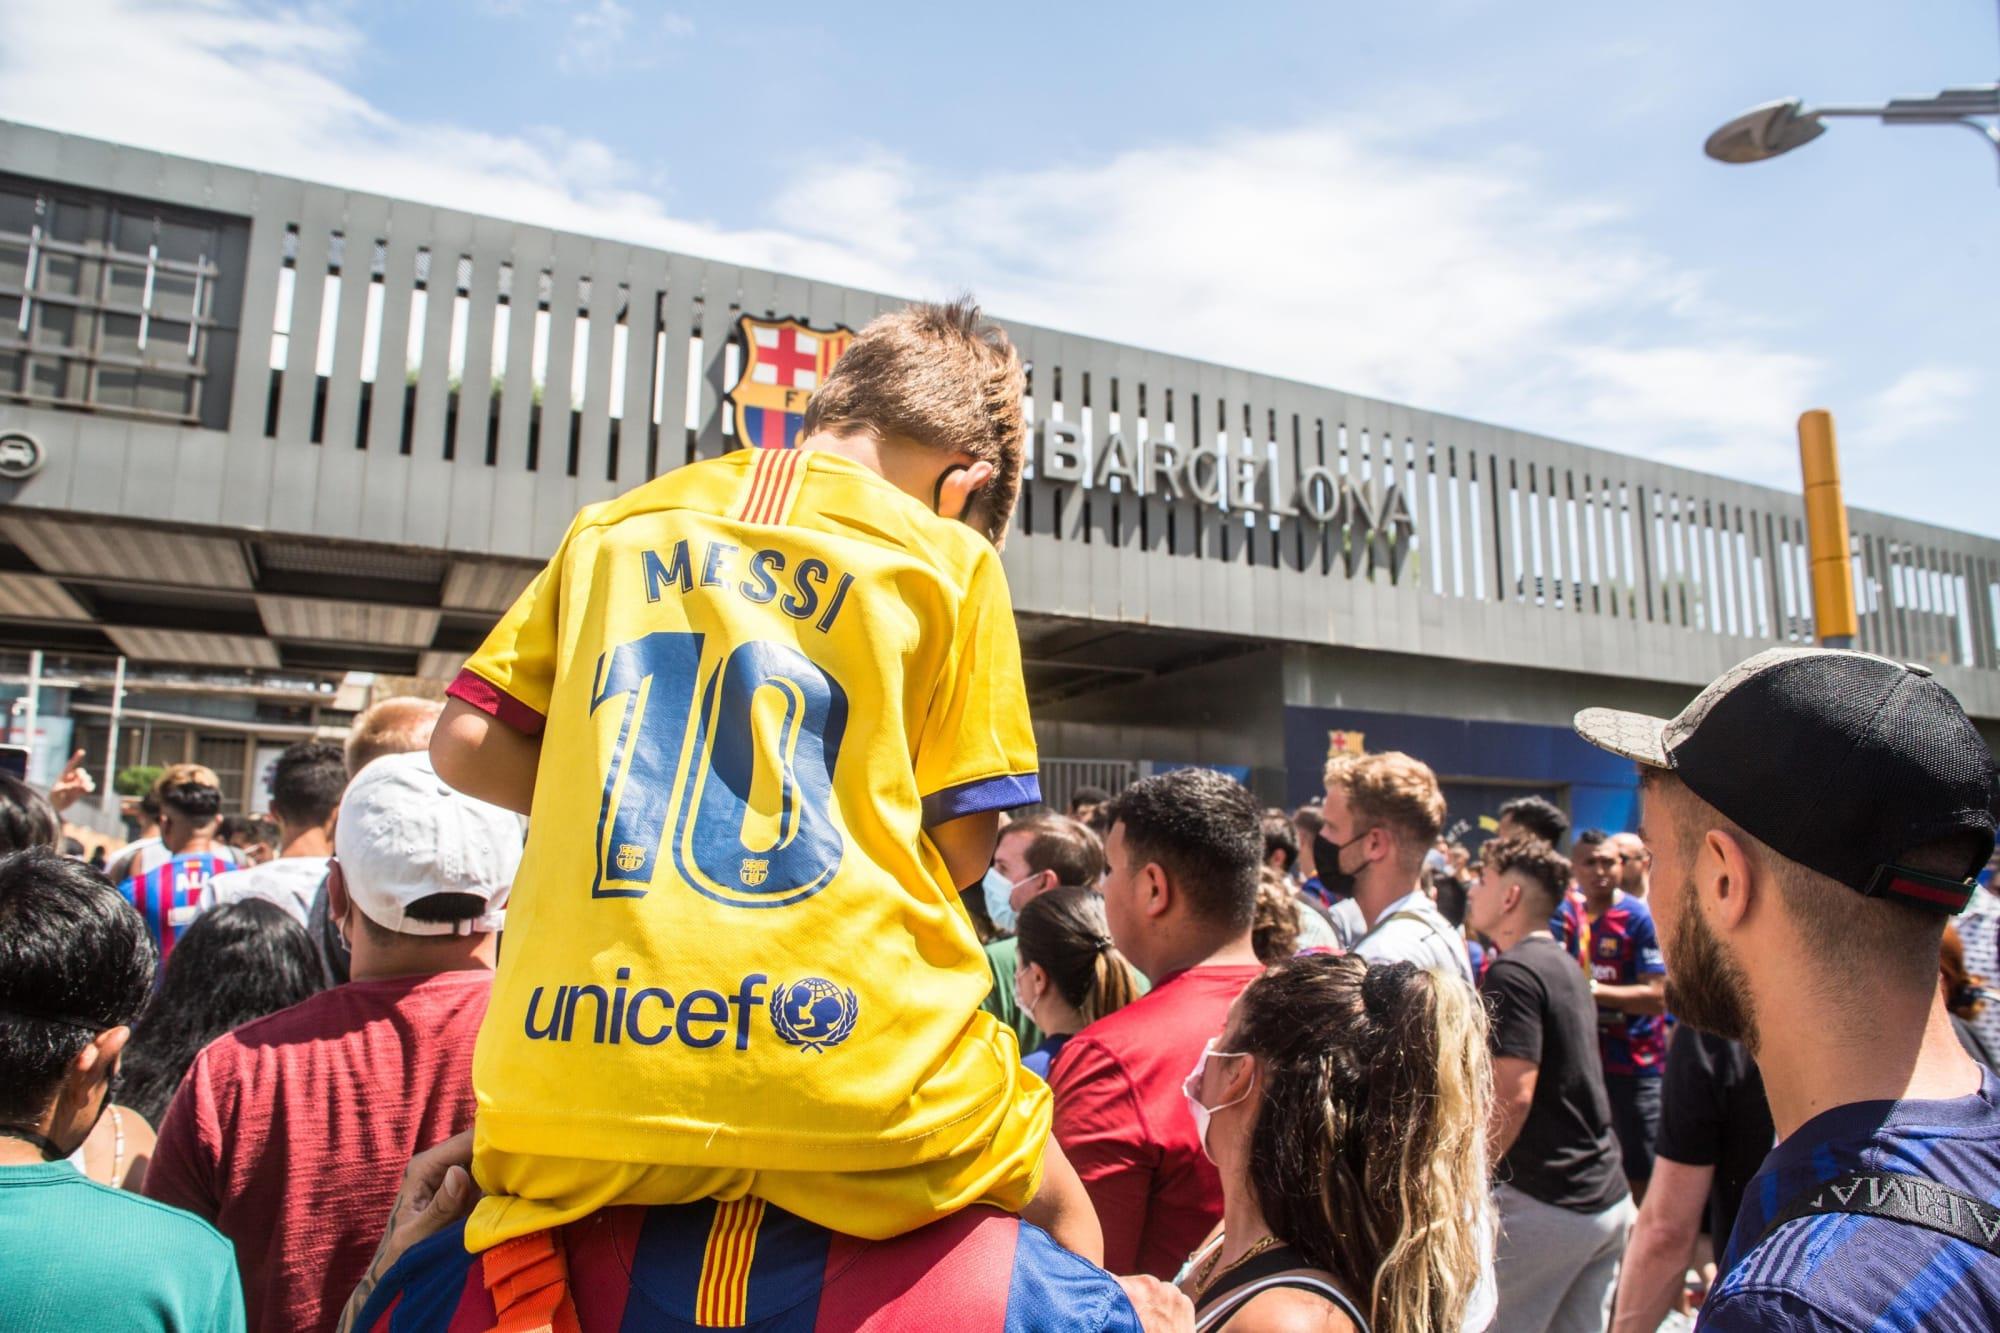 Lionel Messi no se olvida de su afición tras emotivo adiós al FC Barcelona (Vídeo)